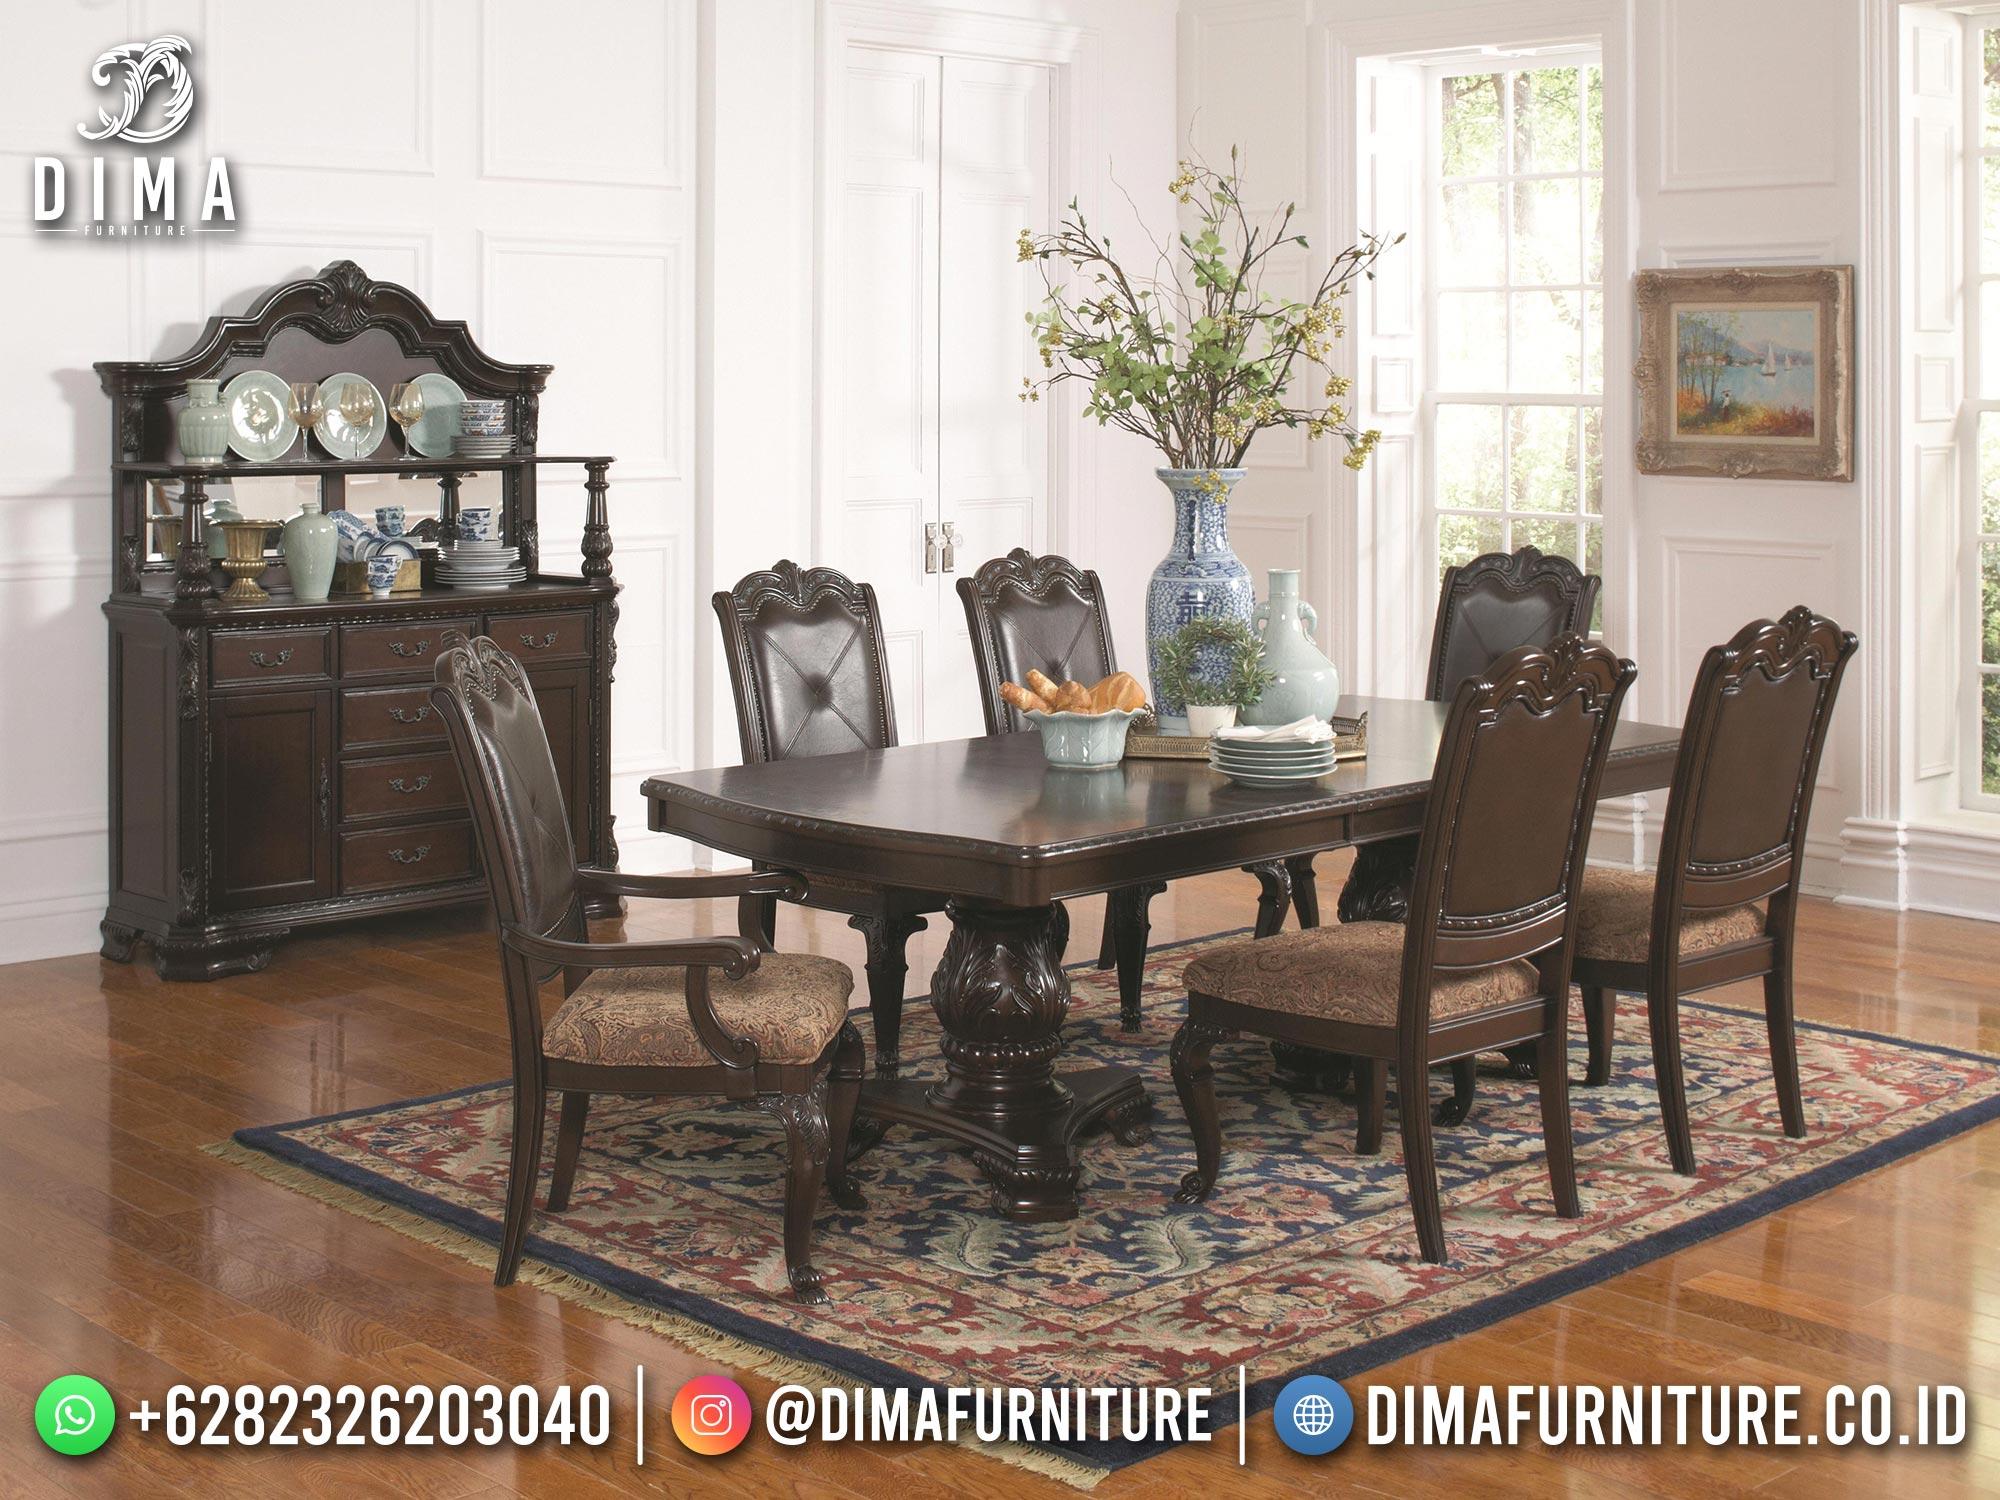 Meja Makan Klasik Jepara Terbaru Elegant Best Furniture BT-1214